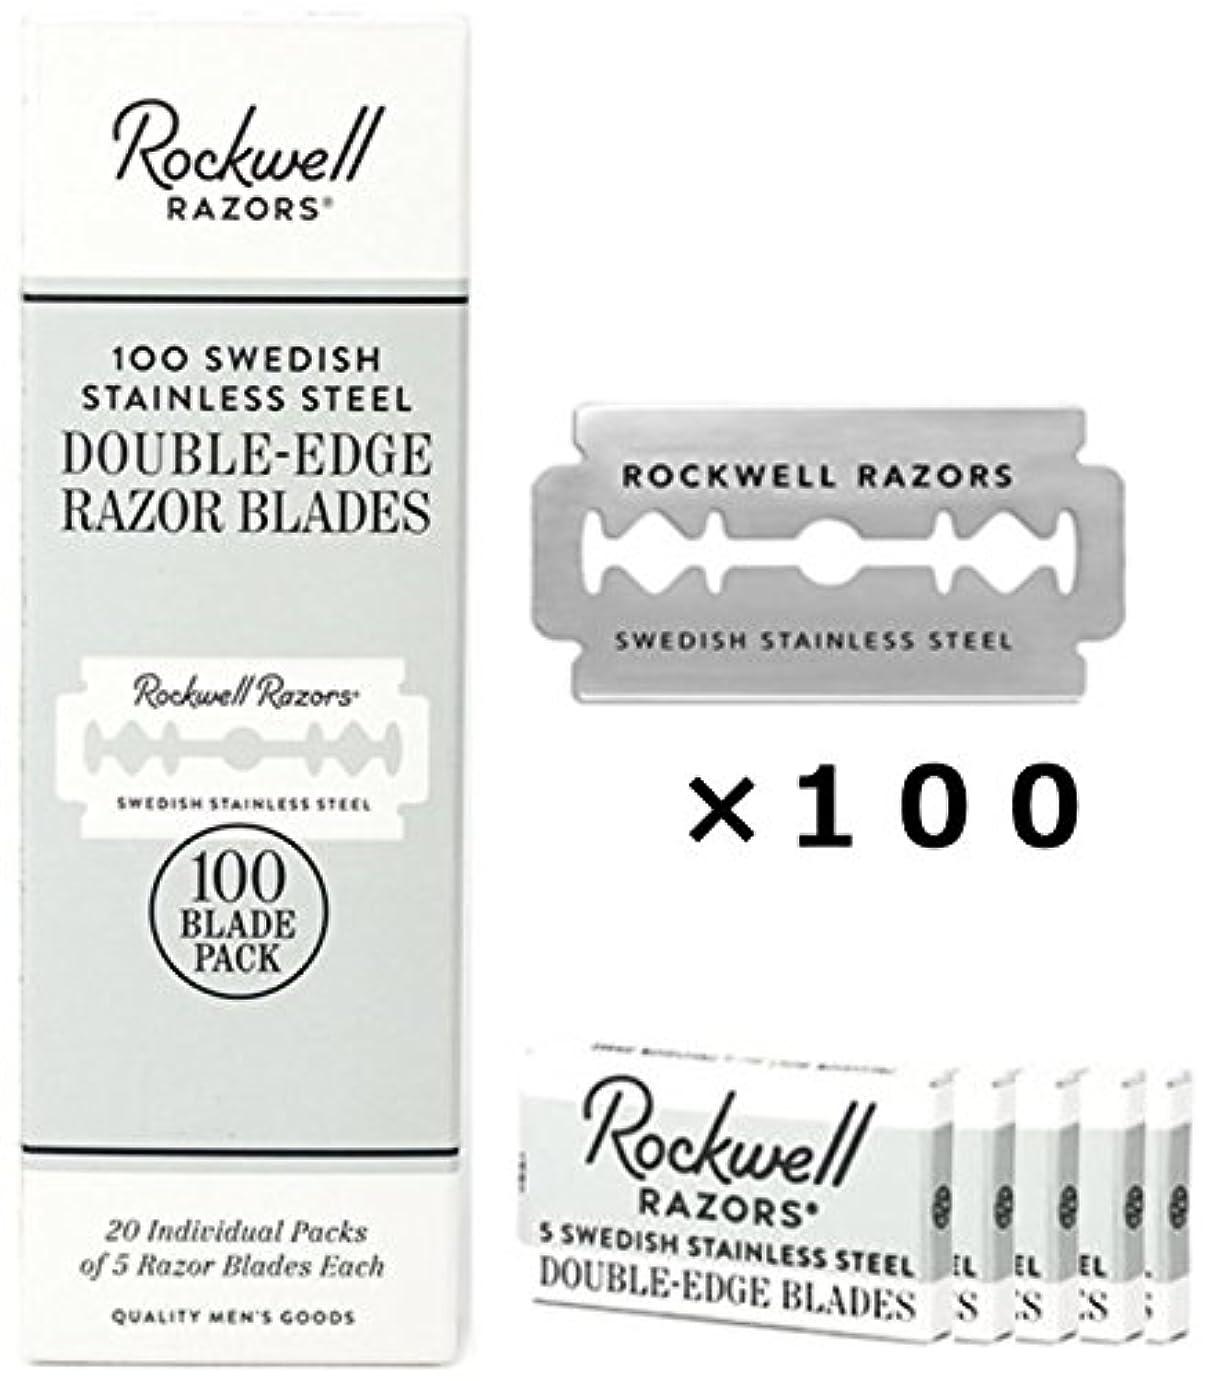 立証する活気づけるエンドテーブルロックウェル 両刃 替刃 100枚 (5枚入×20個) セット スウェーデン製 お買い得 パック Rockwell Razors